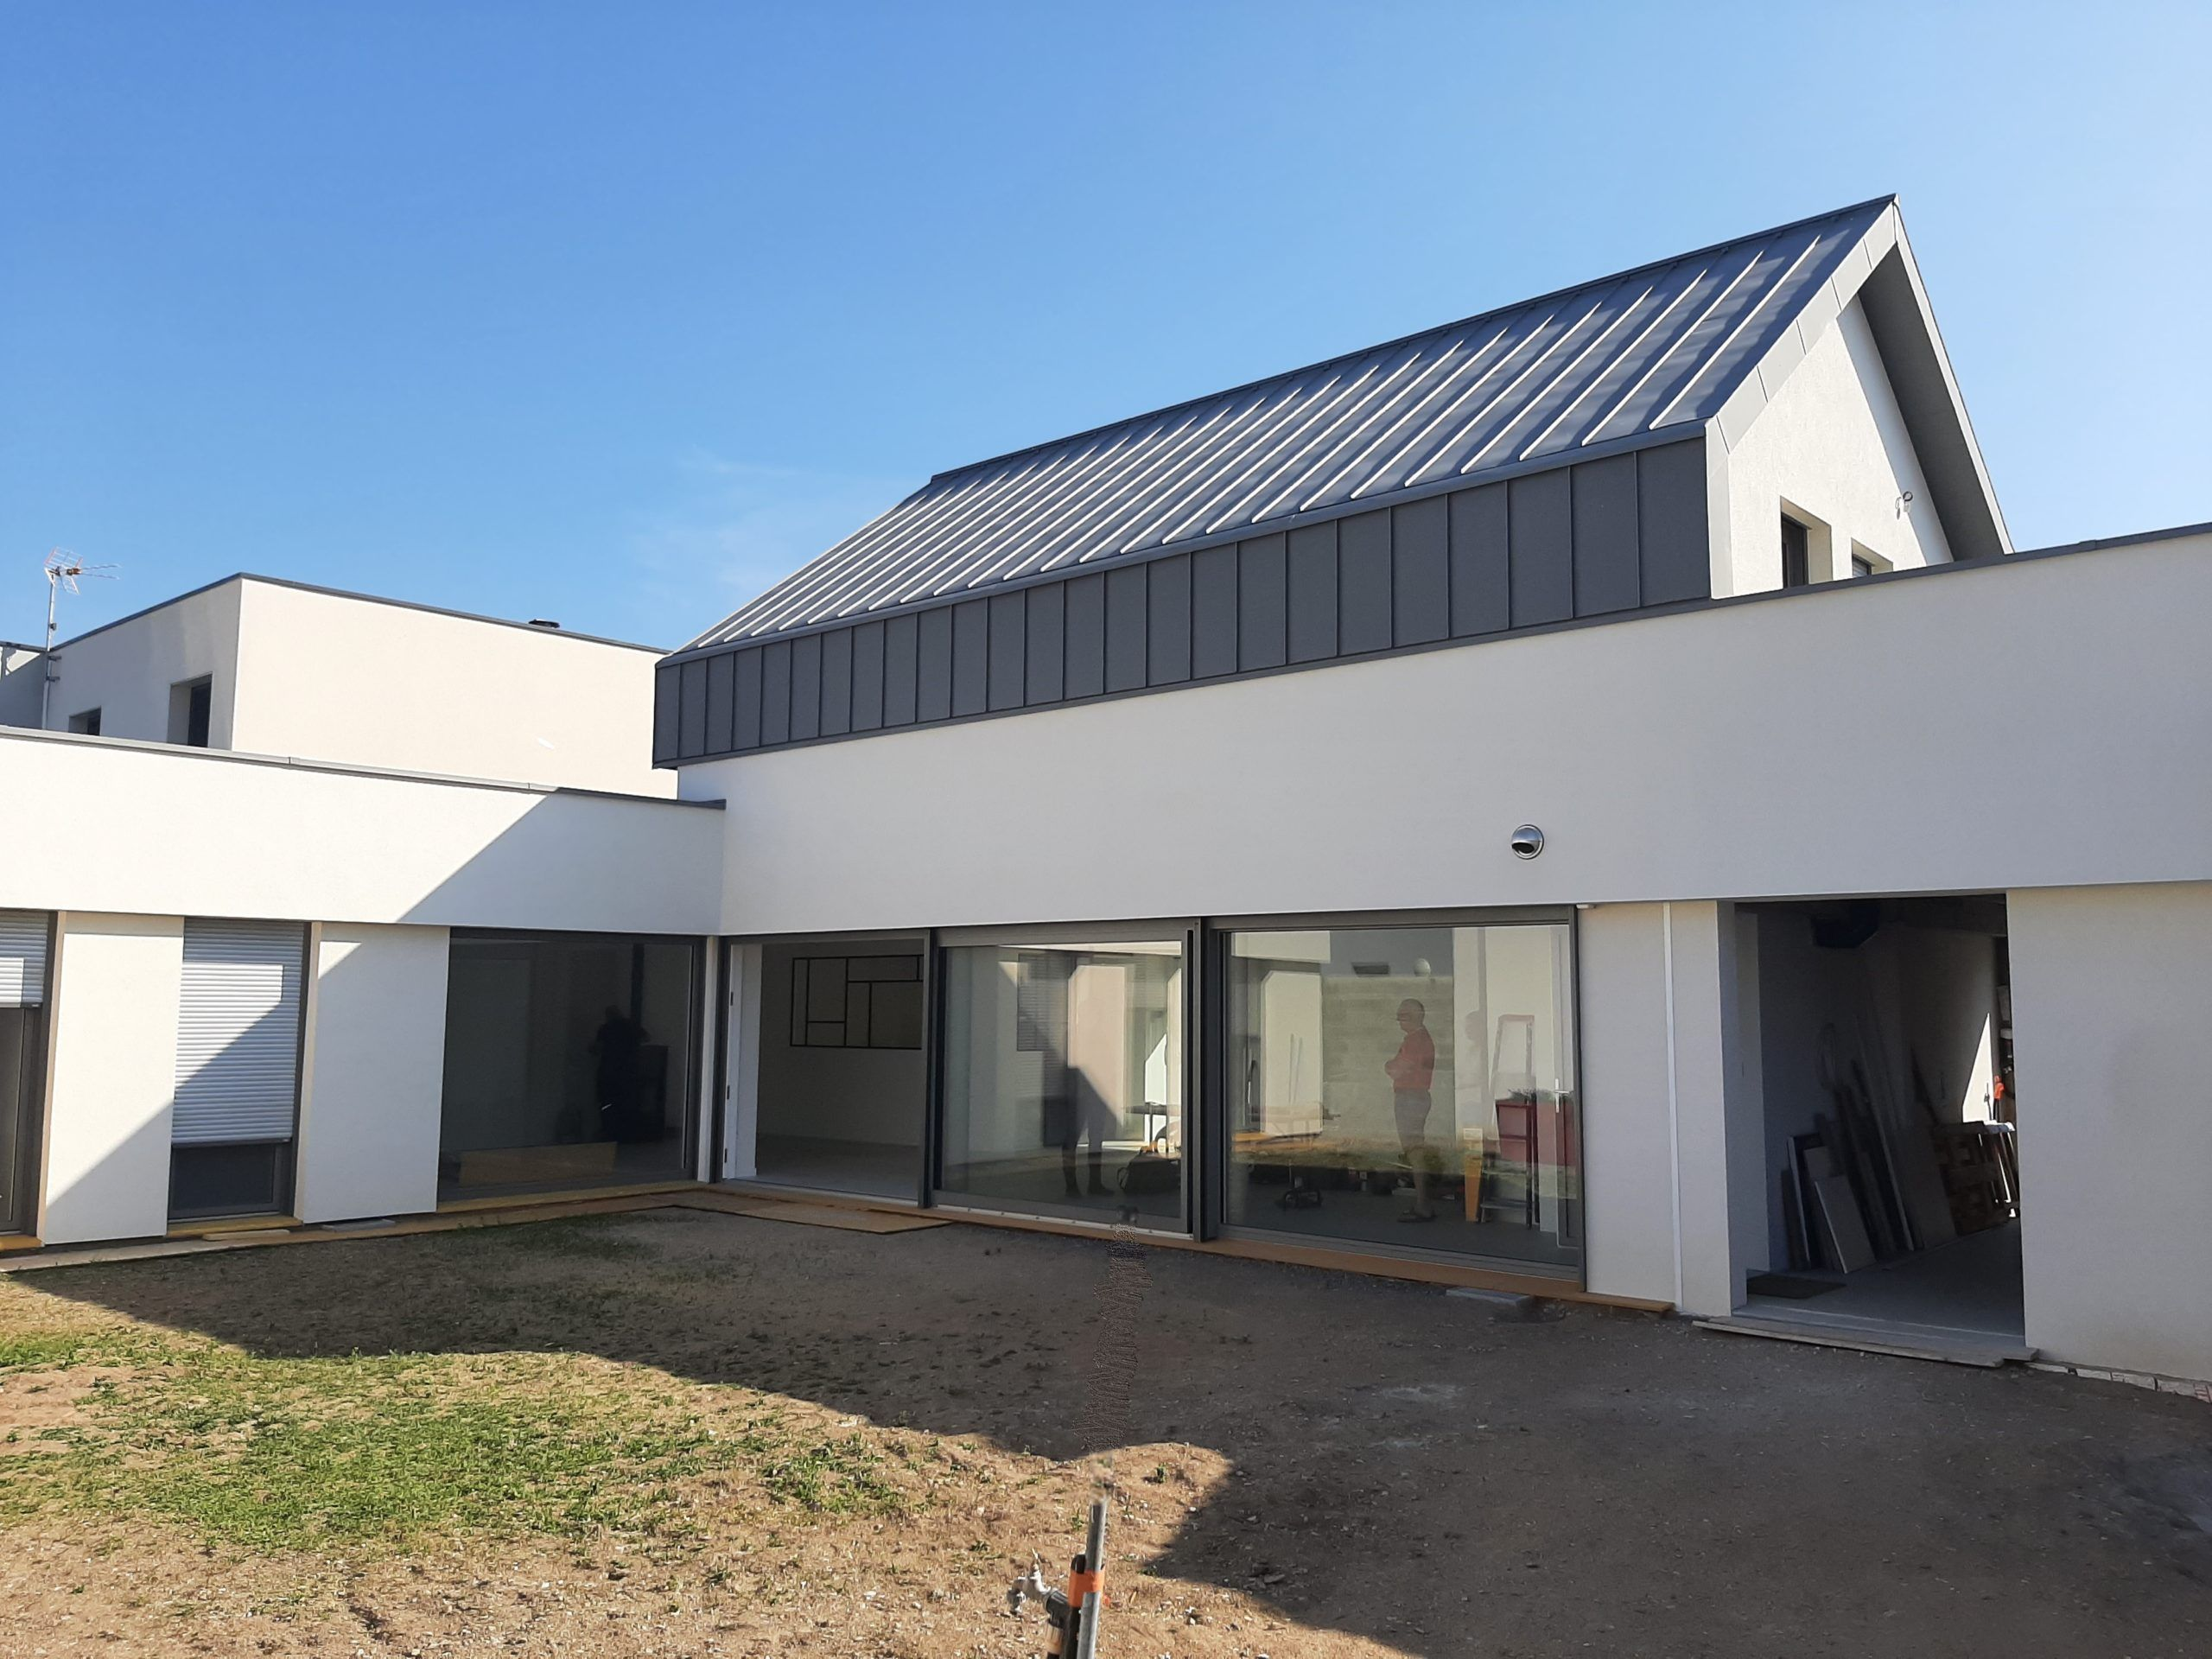 Maison Isospan constructeur maison passive 44